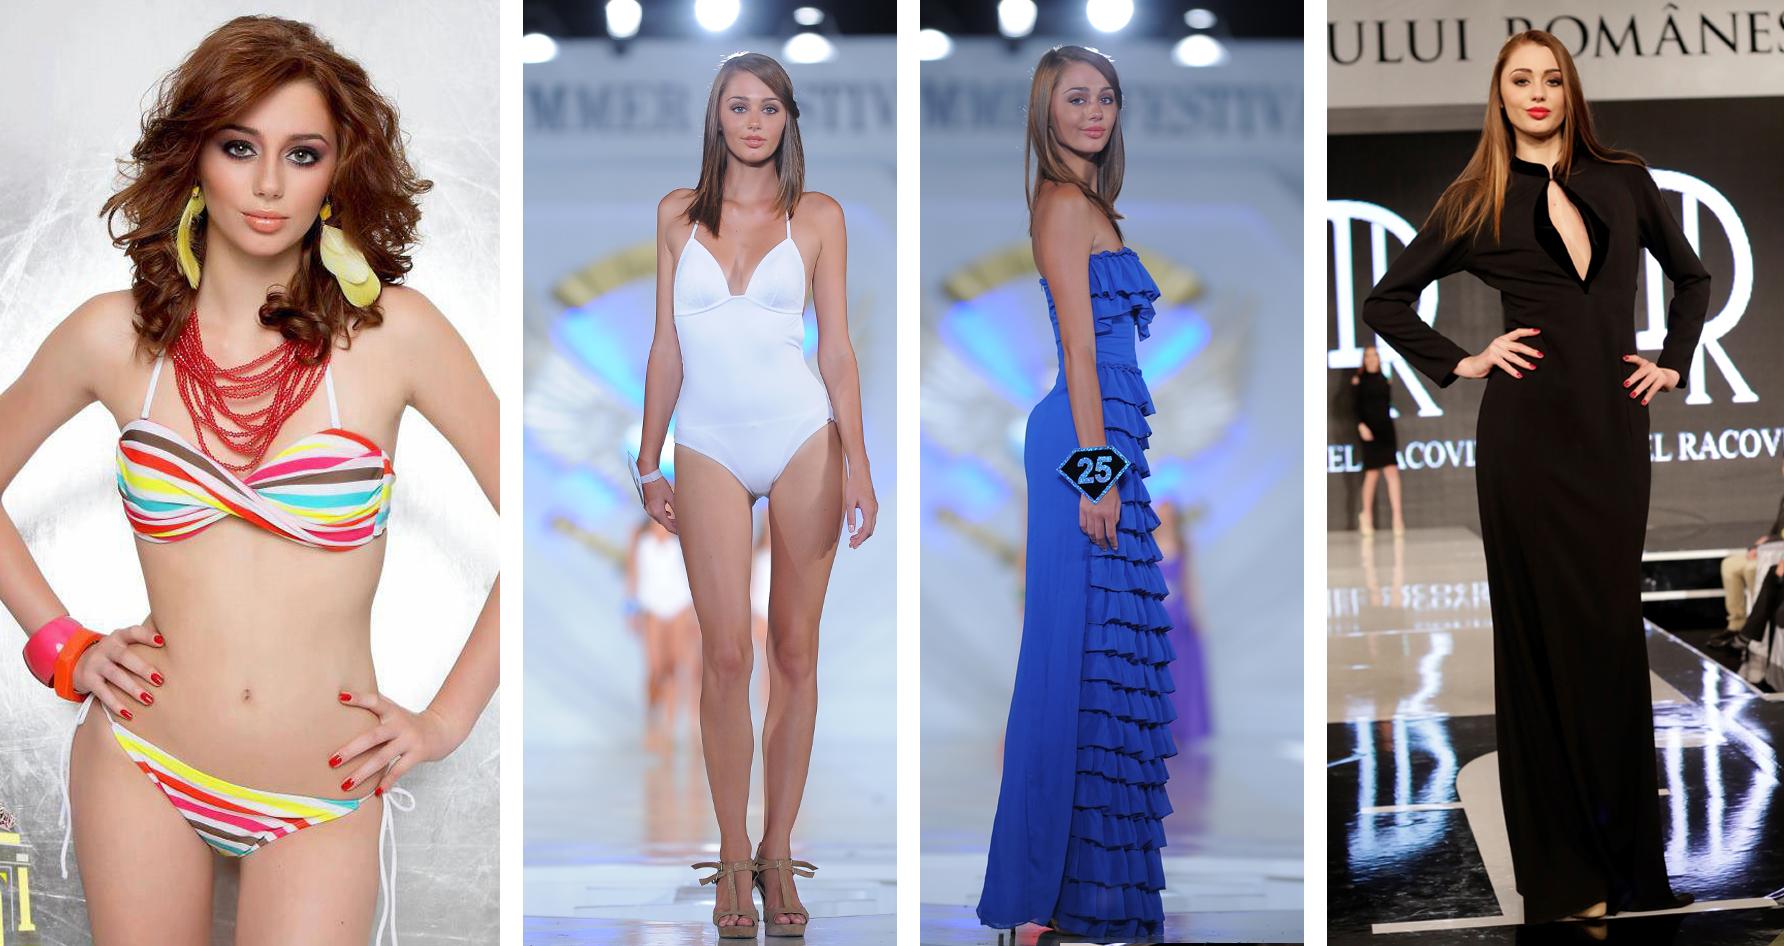 La doar 23 de ani, noua iubită a lui Robert Negoiţă este o veterană a podiumurilor de modă, cu prezenţe la Gala Turismului Viena, Gala Turismului Bucureşti, Fashio Summer Festival şi Miss Litoral